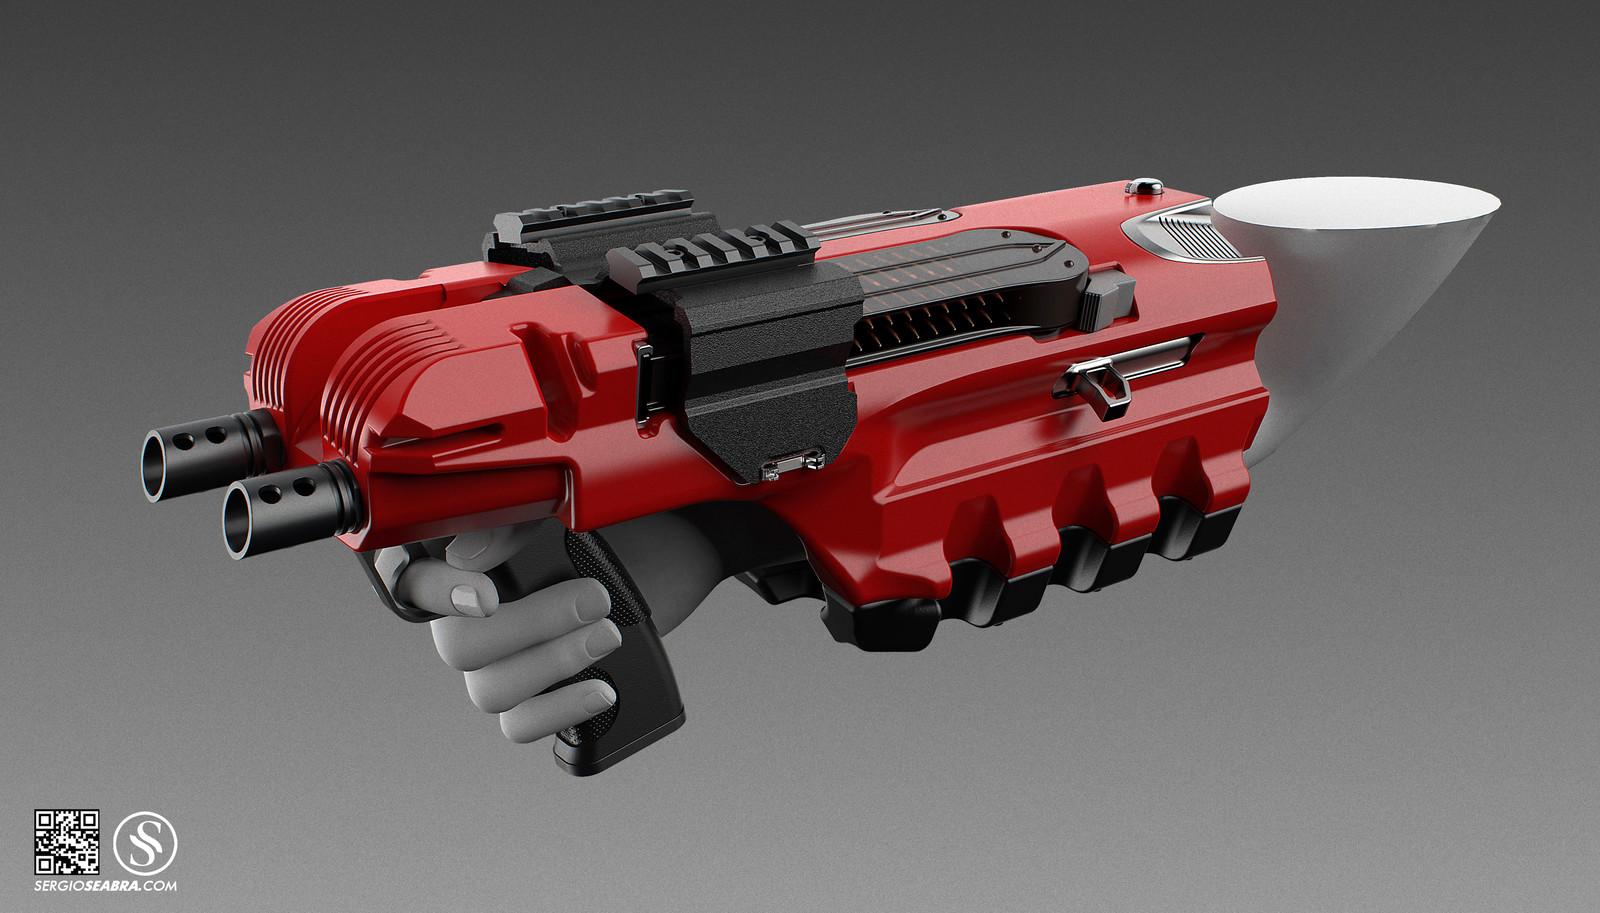 P90_Arm gun 2